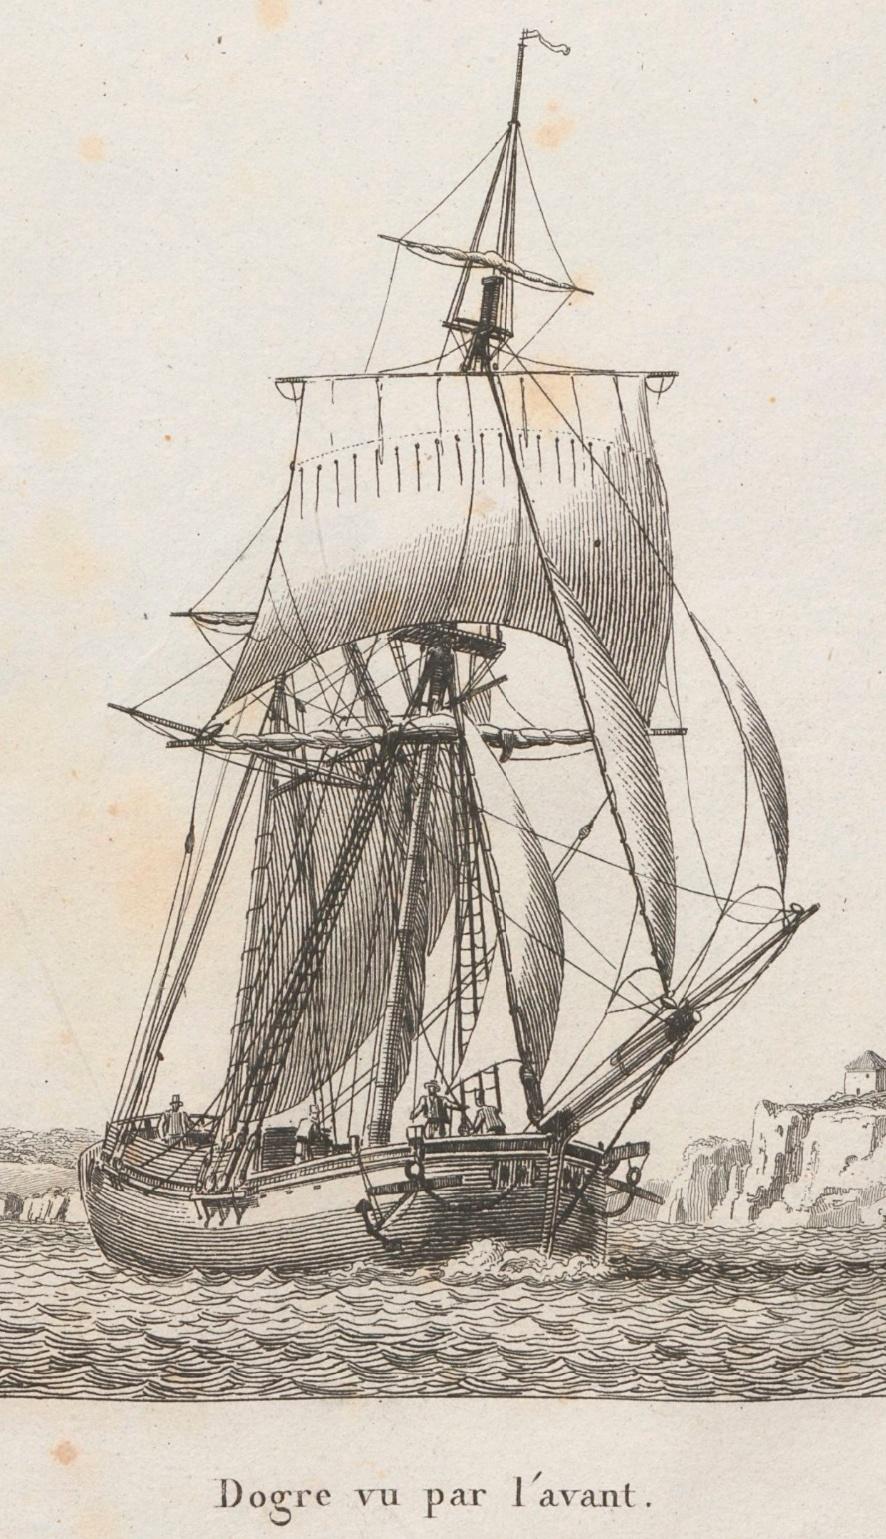 Fichier:Un dogre (navire de pêche) vu par l'avant.jpg — Wikipédia